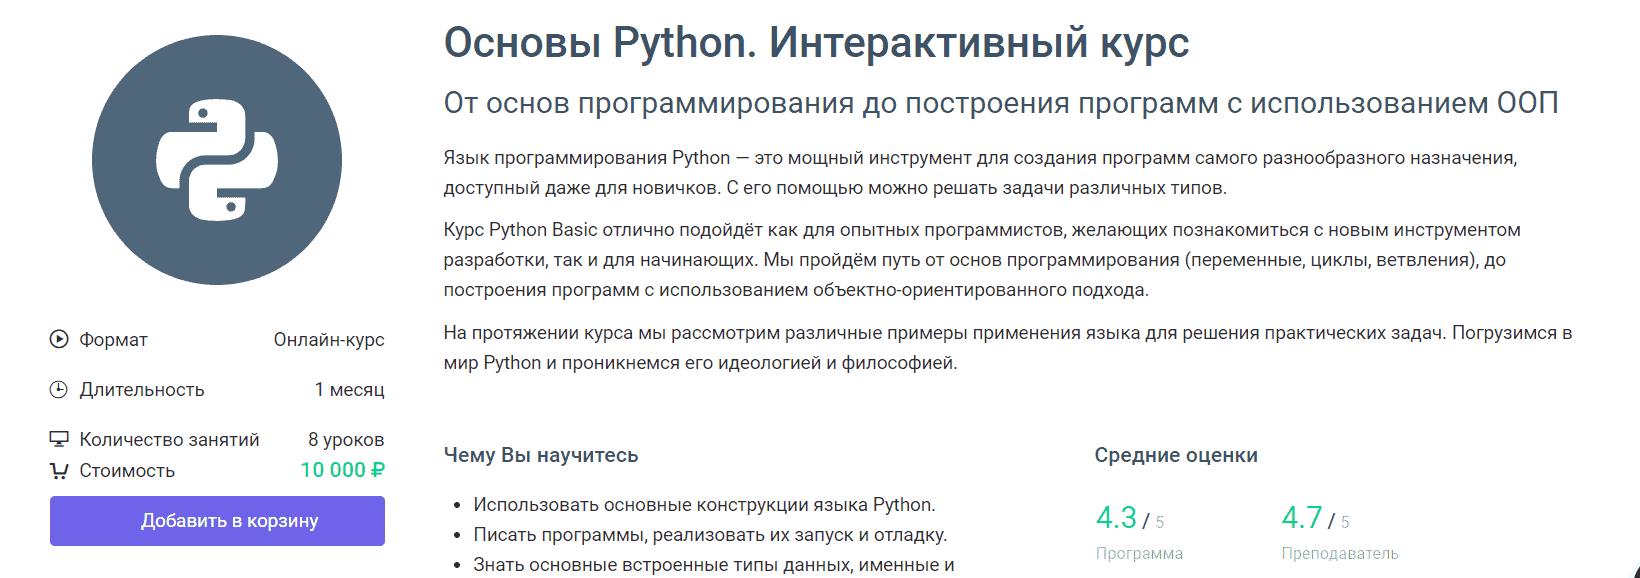 Основы Python. Интерактивный курс